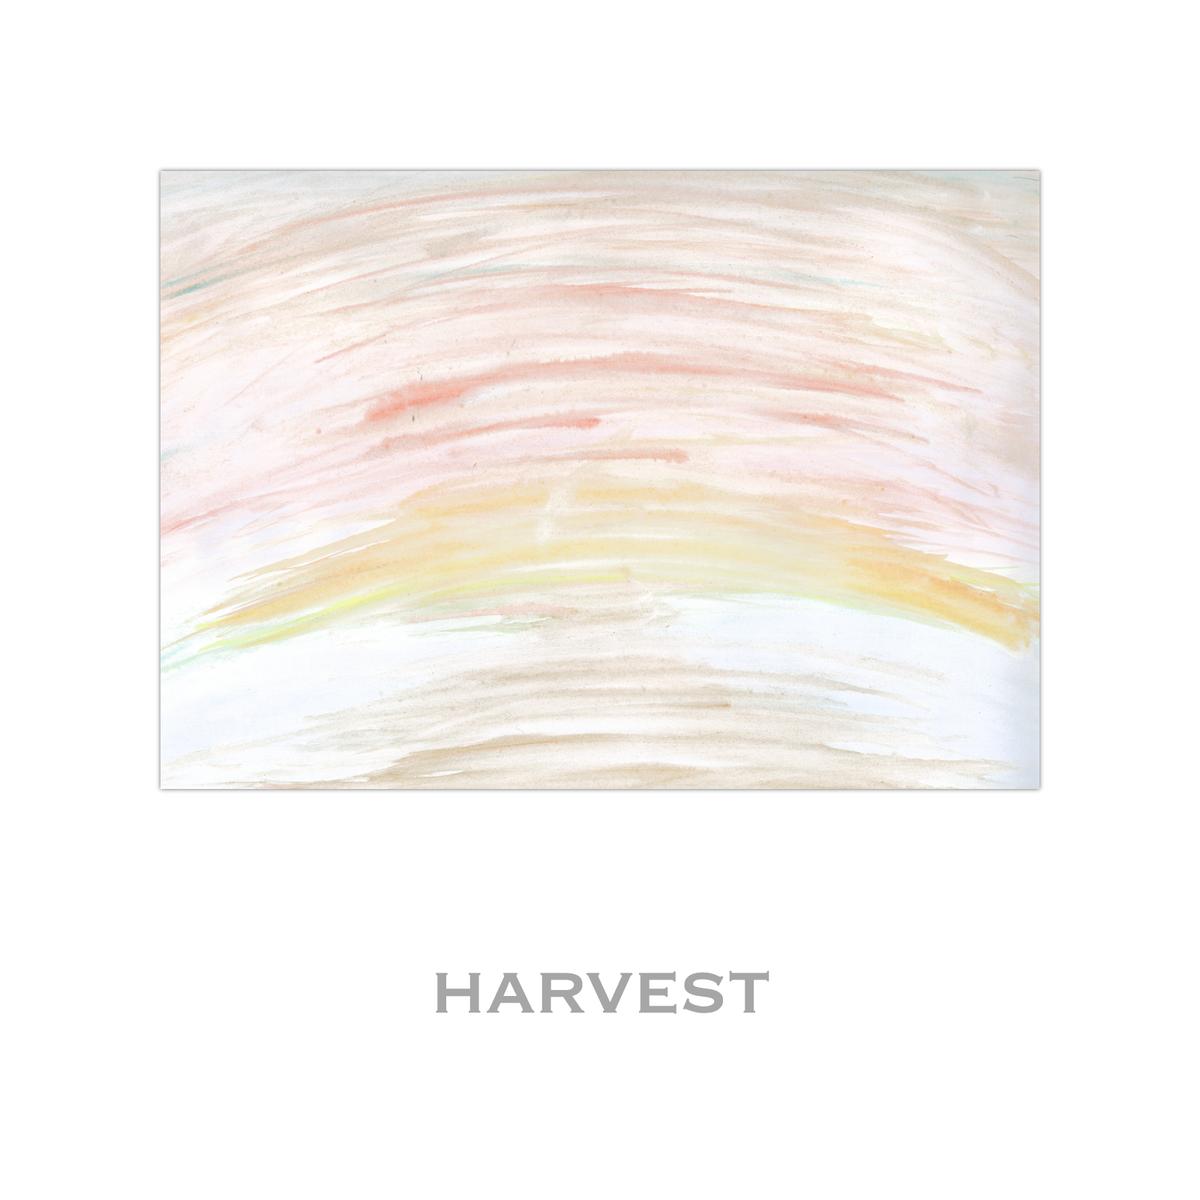 【拡散してくれたらとても嬉しい】 インストアルバム『HARVEST』を配信限定でリリースしました。  観音クリエイション - HARVEST - https://t.co/cdtmA2ekKb #iTunes http://t.co/16yVGRMNjC